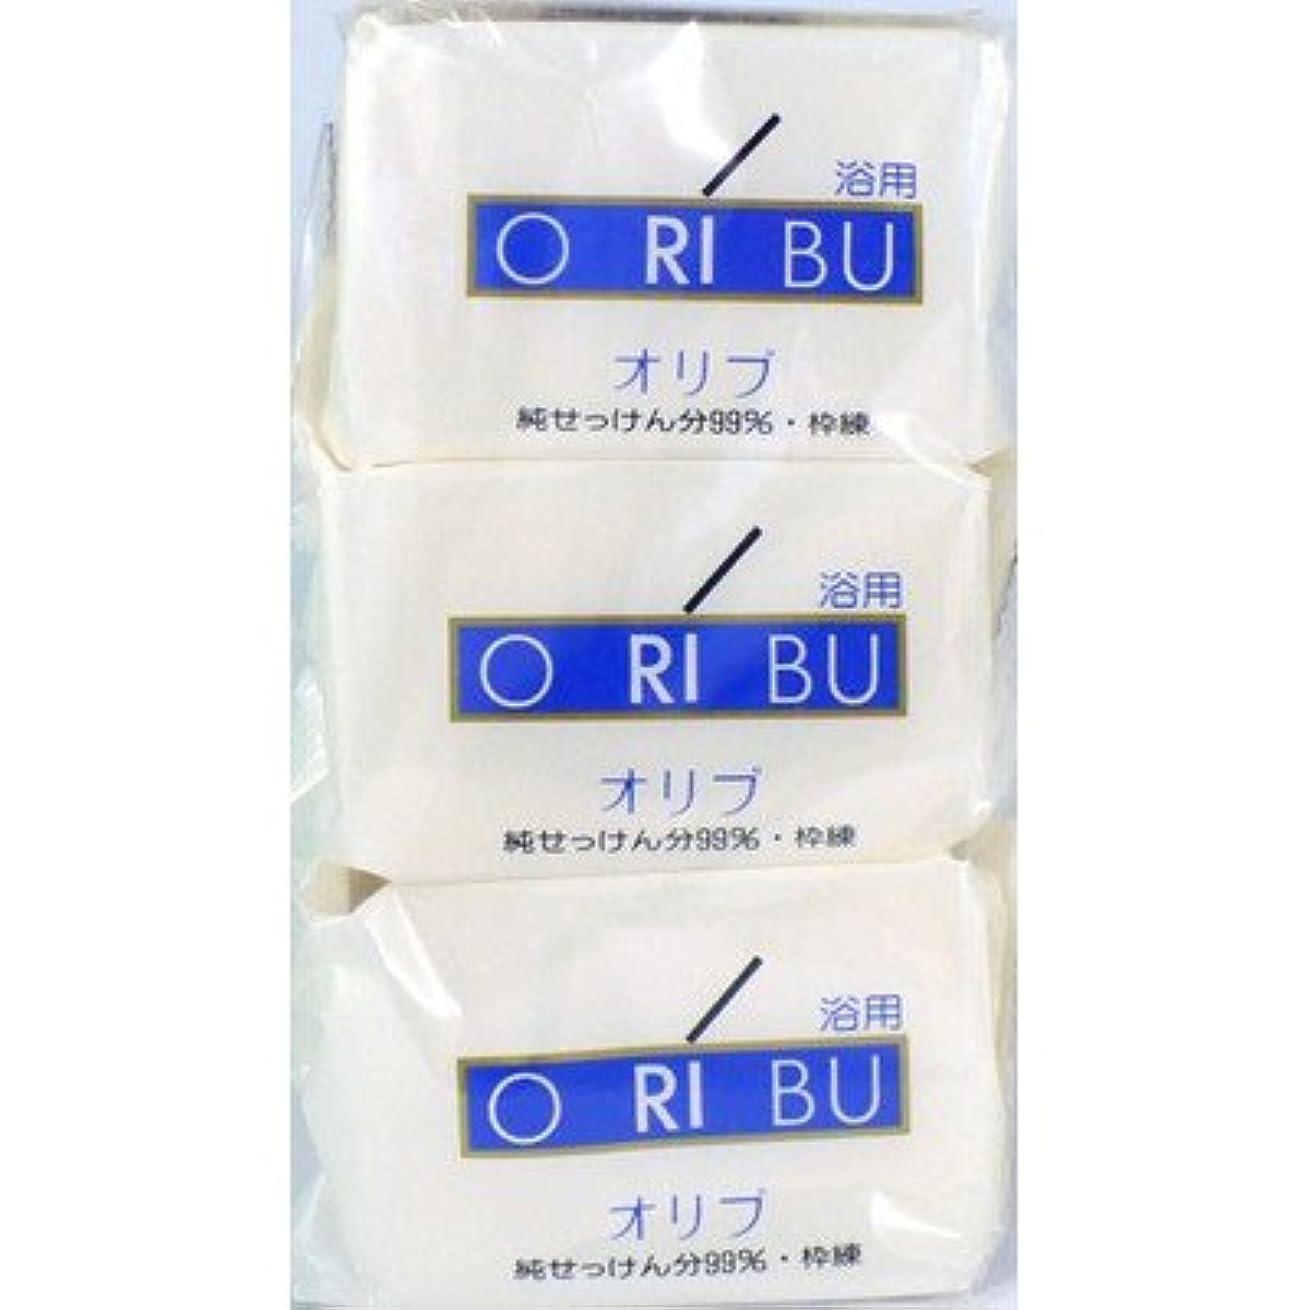 学士ロック解除アプローチ暁石鹸 ORIBU オリブ 浴用石鹸 110g 3個入り